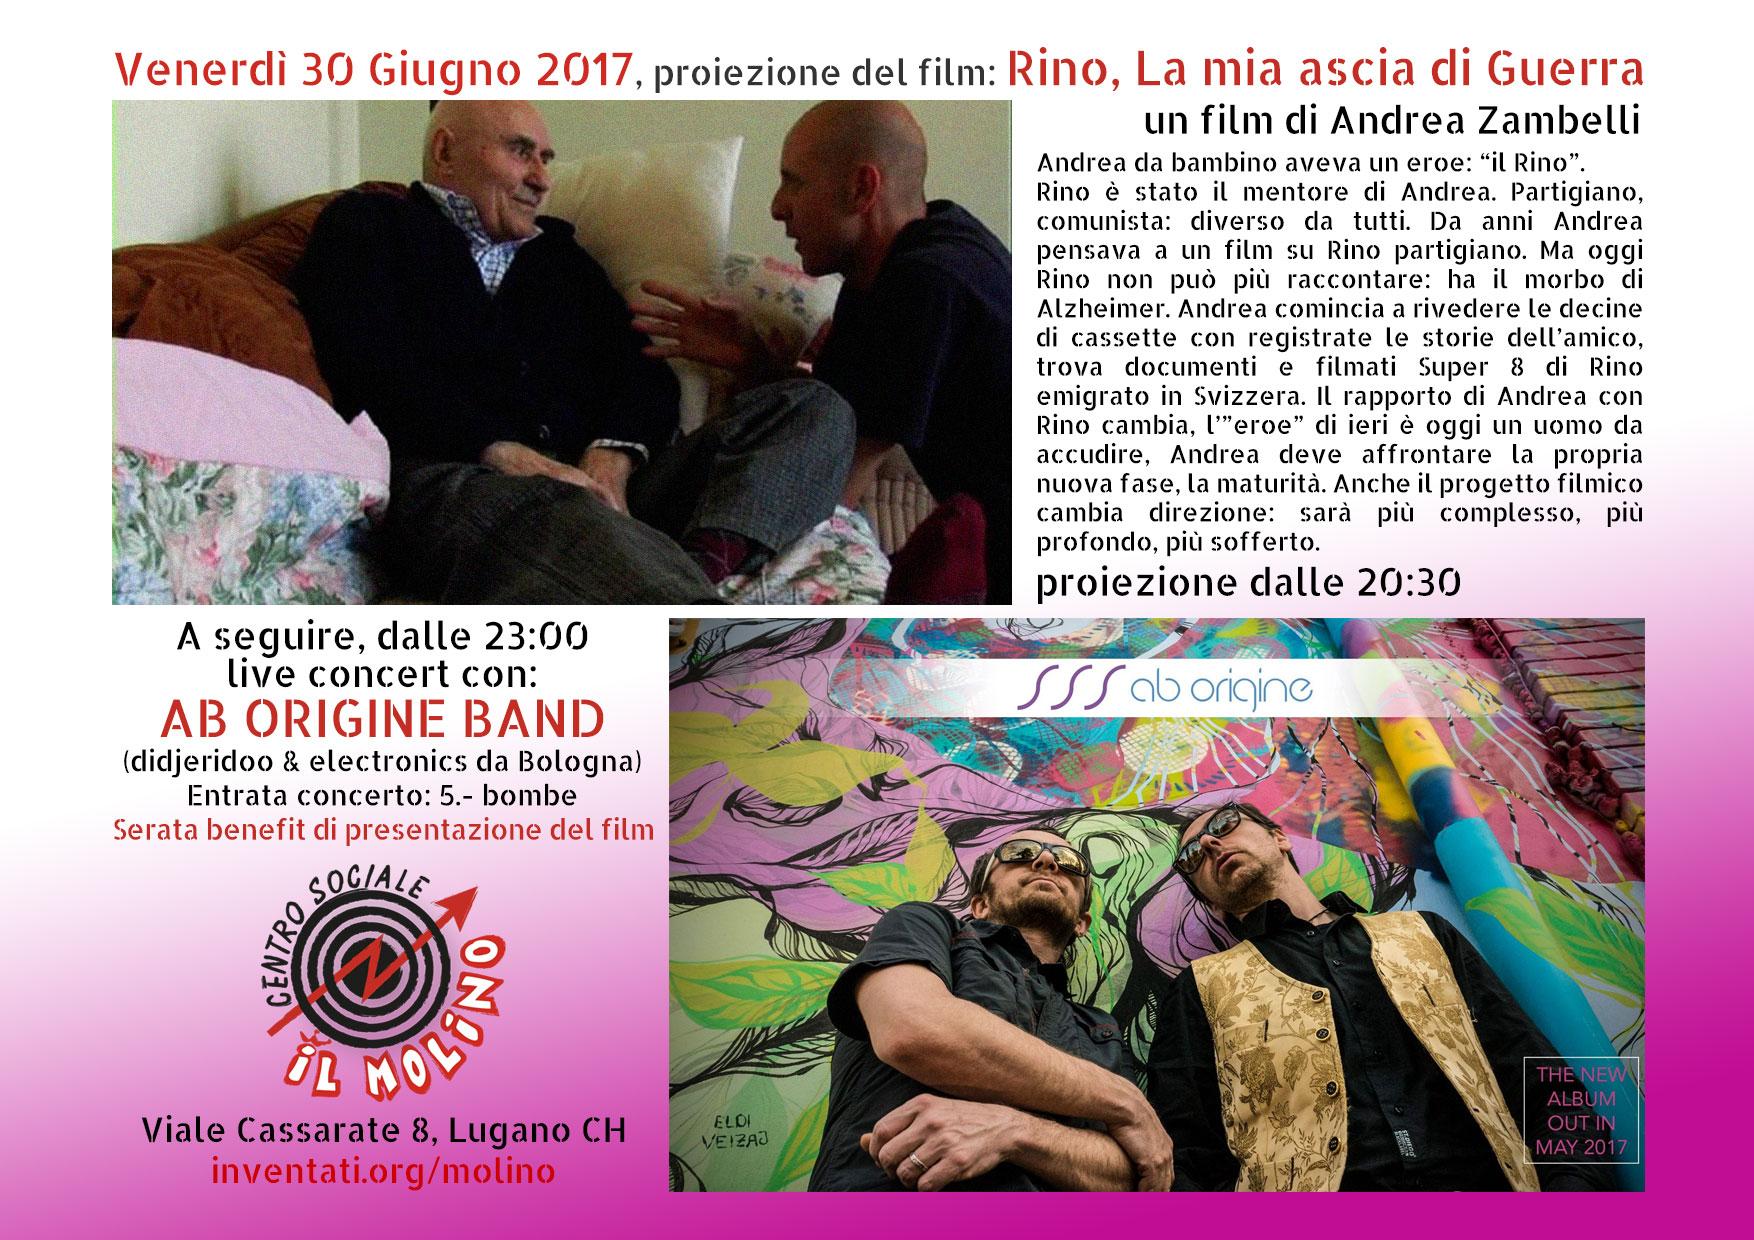 30.06.2016 - Proiezione Film: Rino, La mia ascia di Guerra. <br /> Concerto AB ORIGINE band